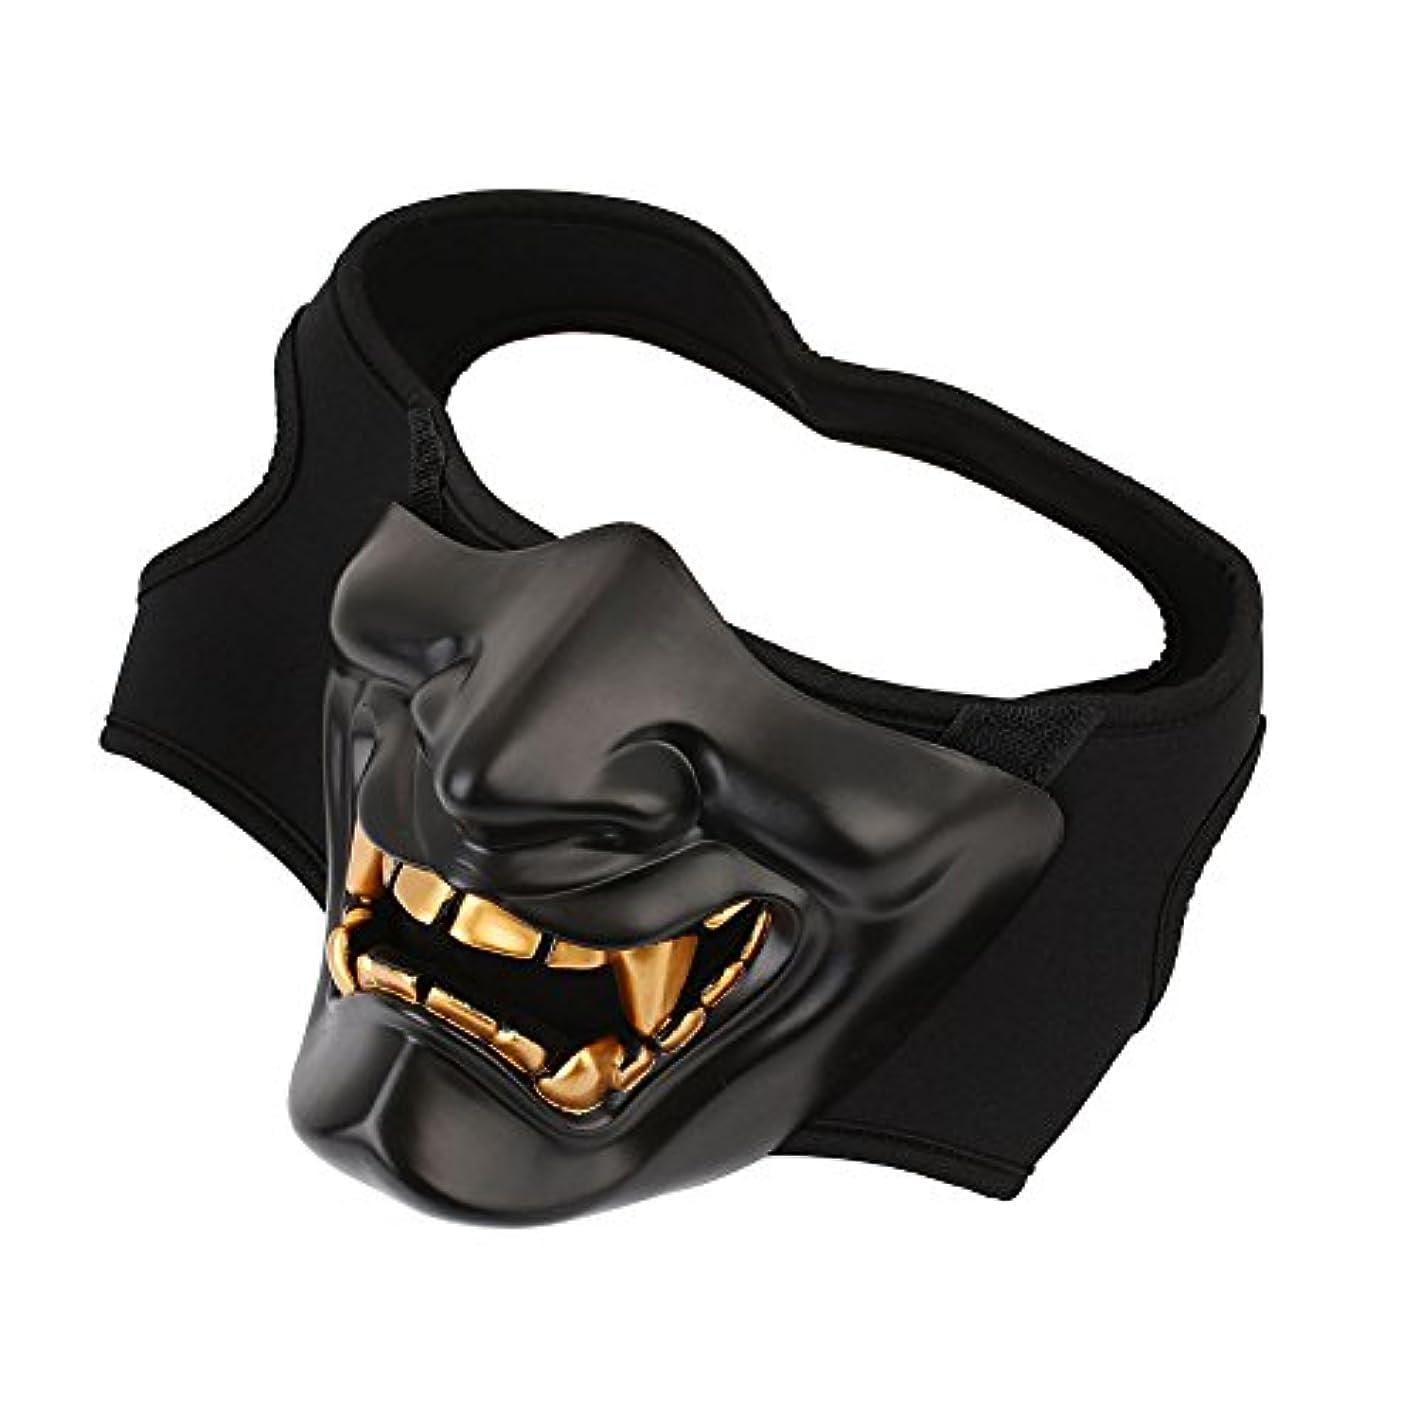 毛細血管運命的な偶然のAuntwhale ハロウィーンマスク大人恐怖コスチューム、悪魔ファンシーマスカレードパーティーハロウィンマスク、フェスティバル通気性ギフトヘッドマスク - ブラック